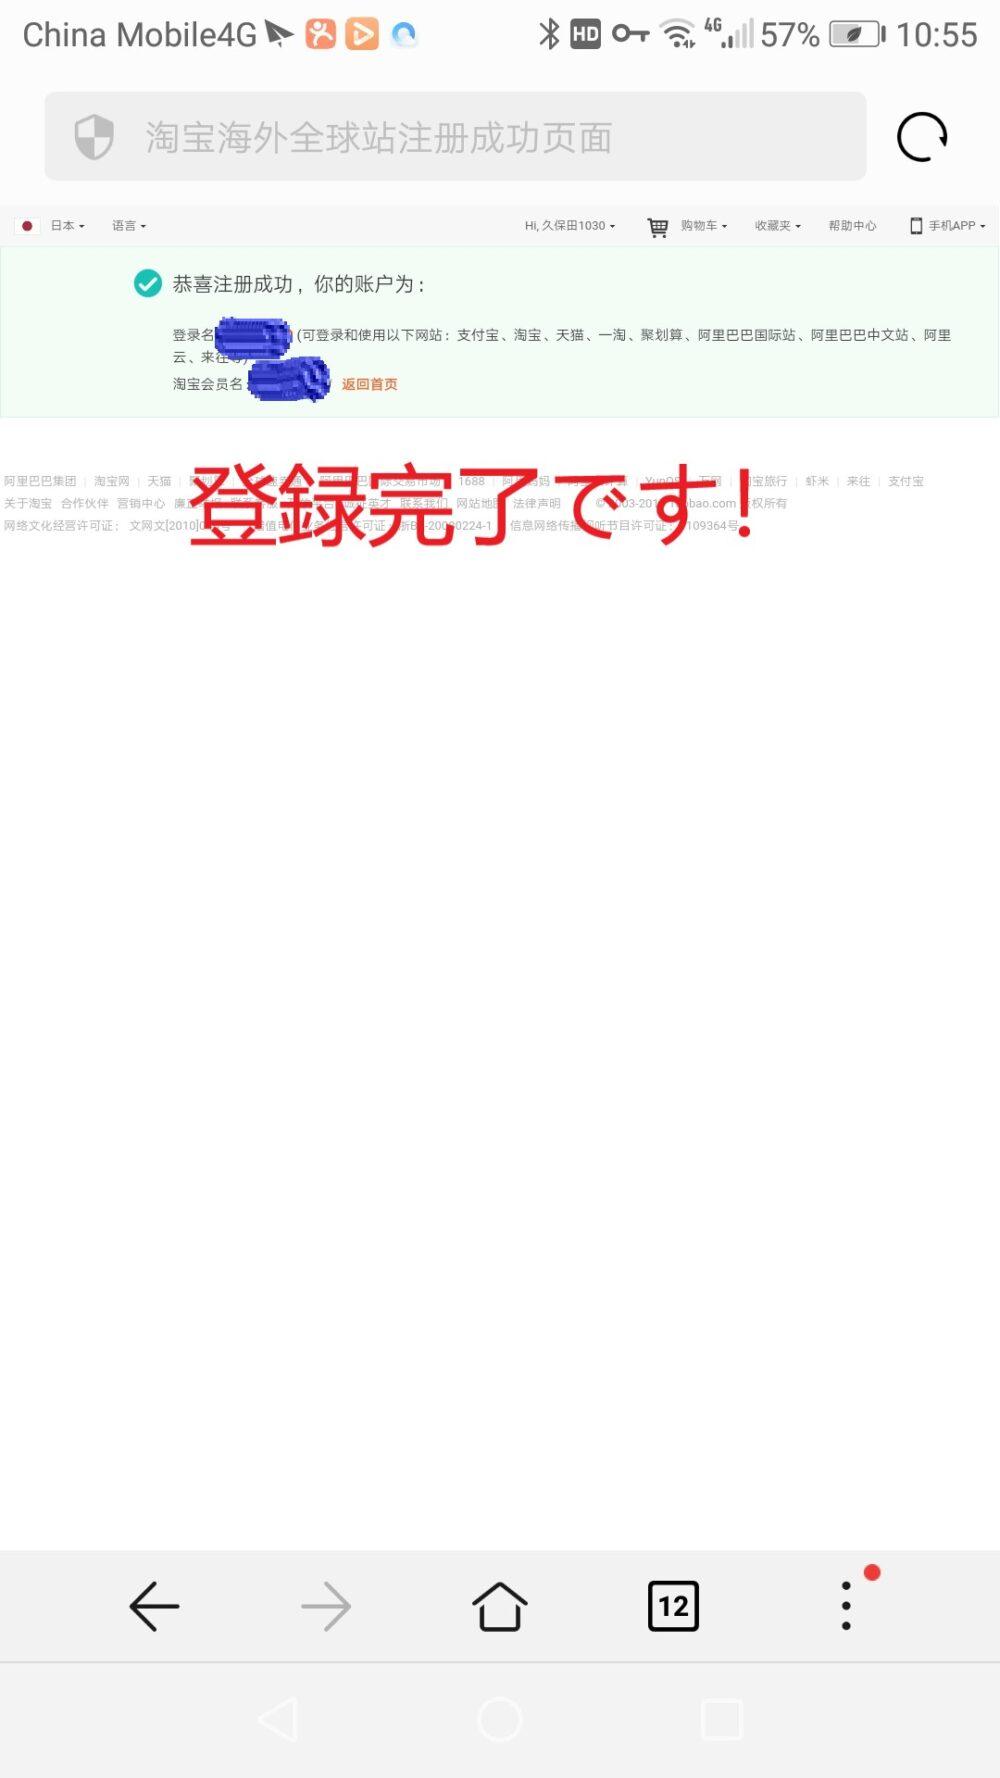 タオバオのサイト登録が完了したスクリーンショットの画像